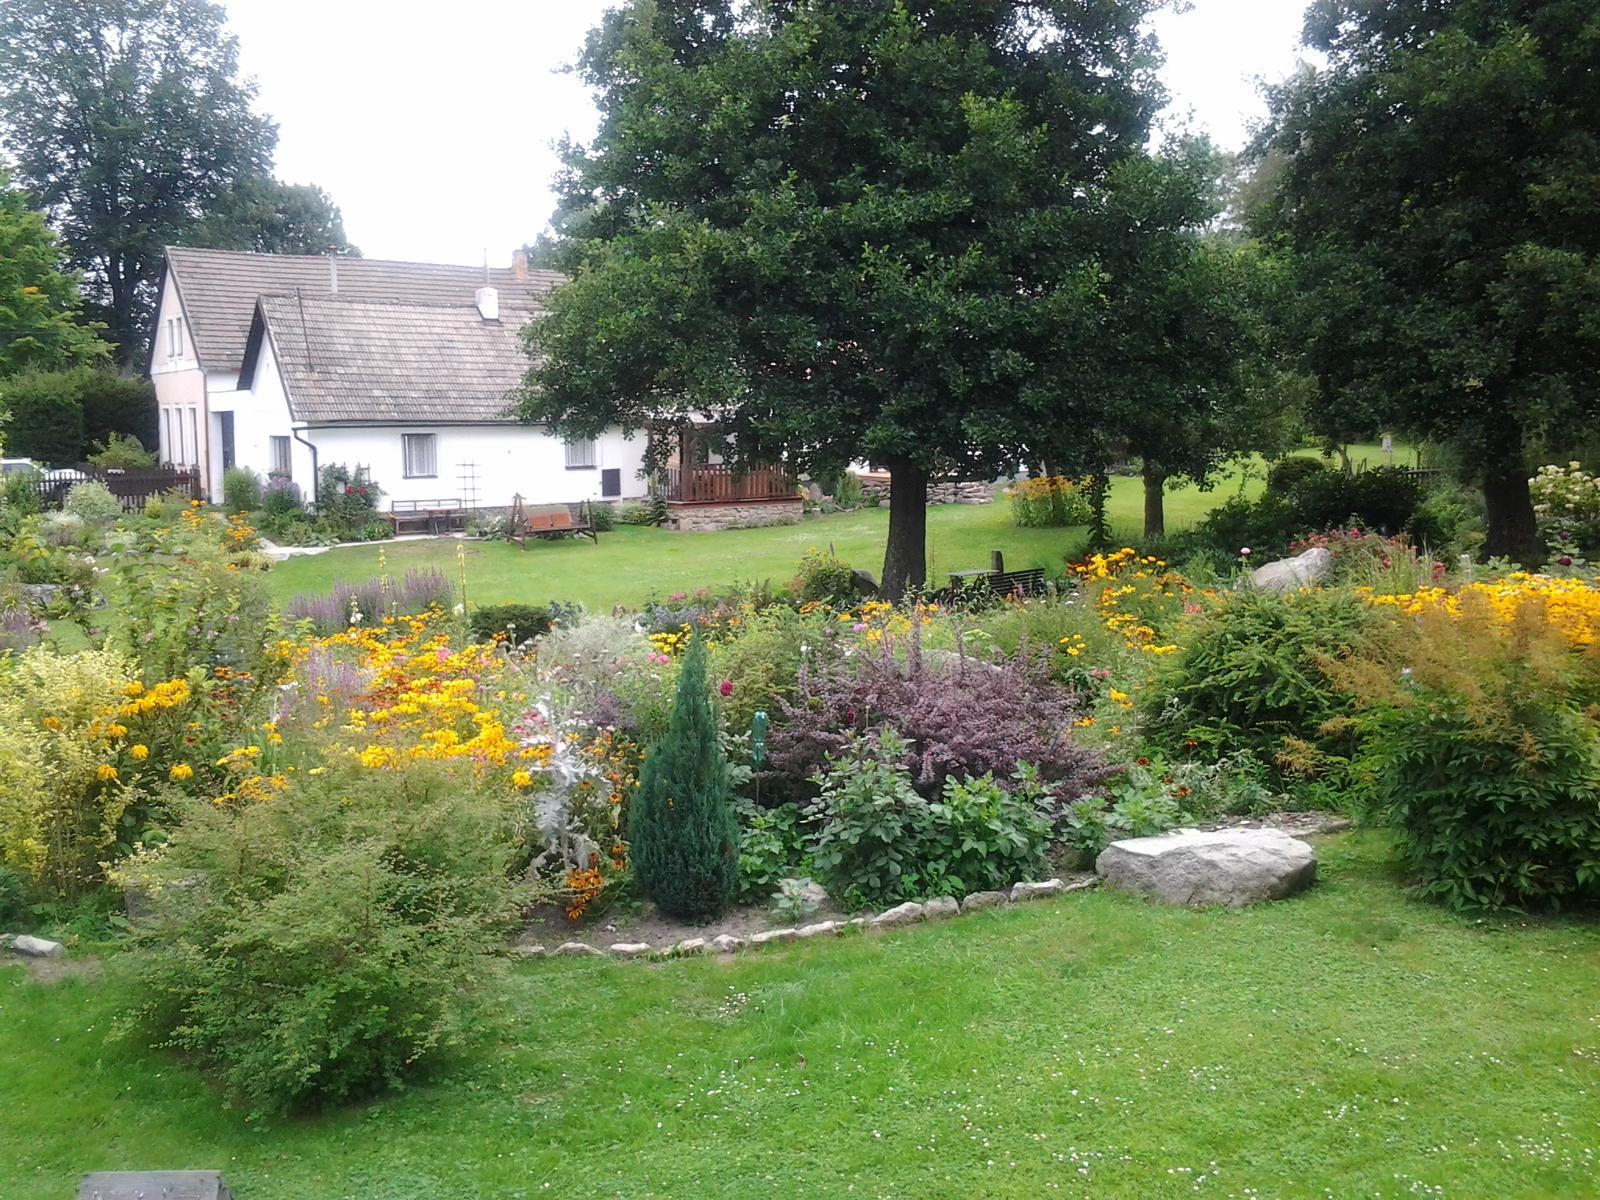 Jihočeská venkovská zahrada. - Všude samovysemeněné žluté třapatky.